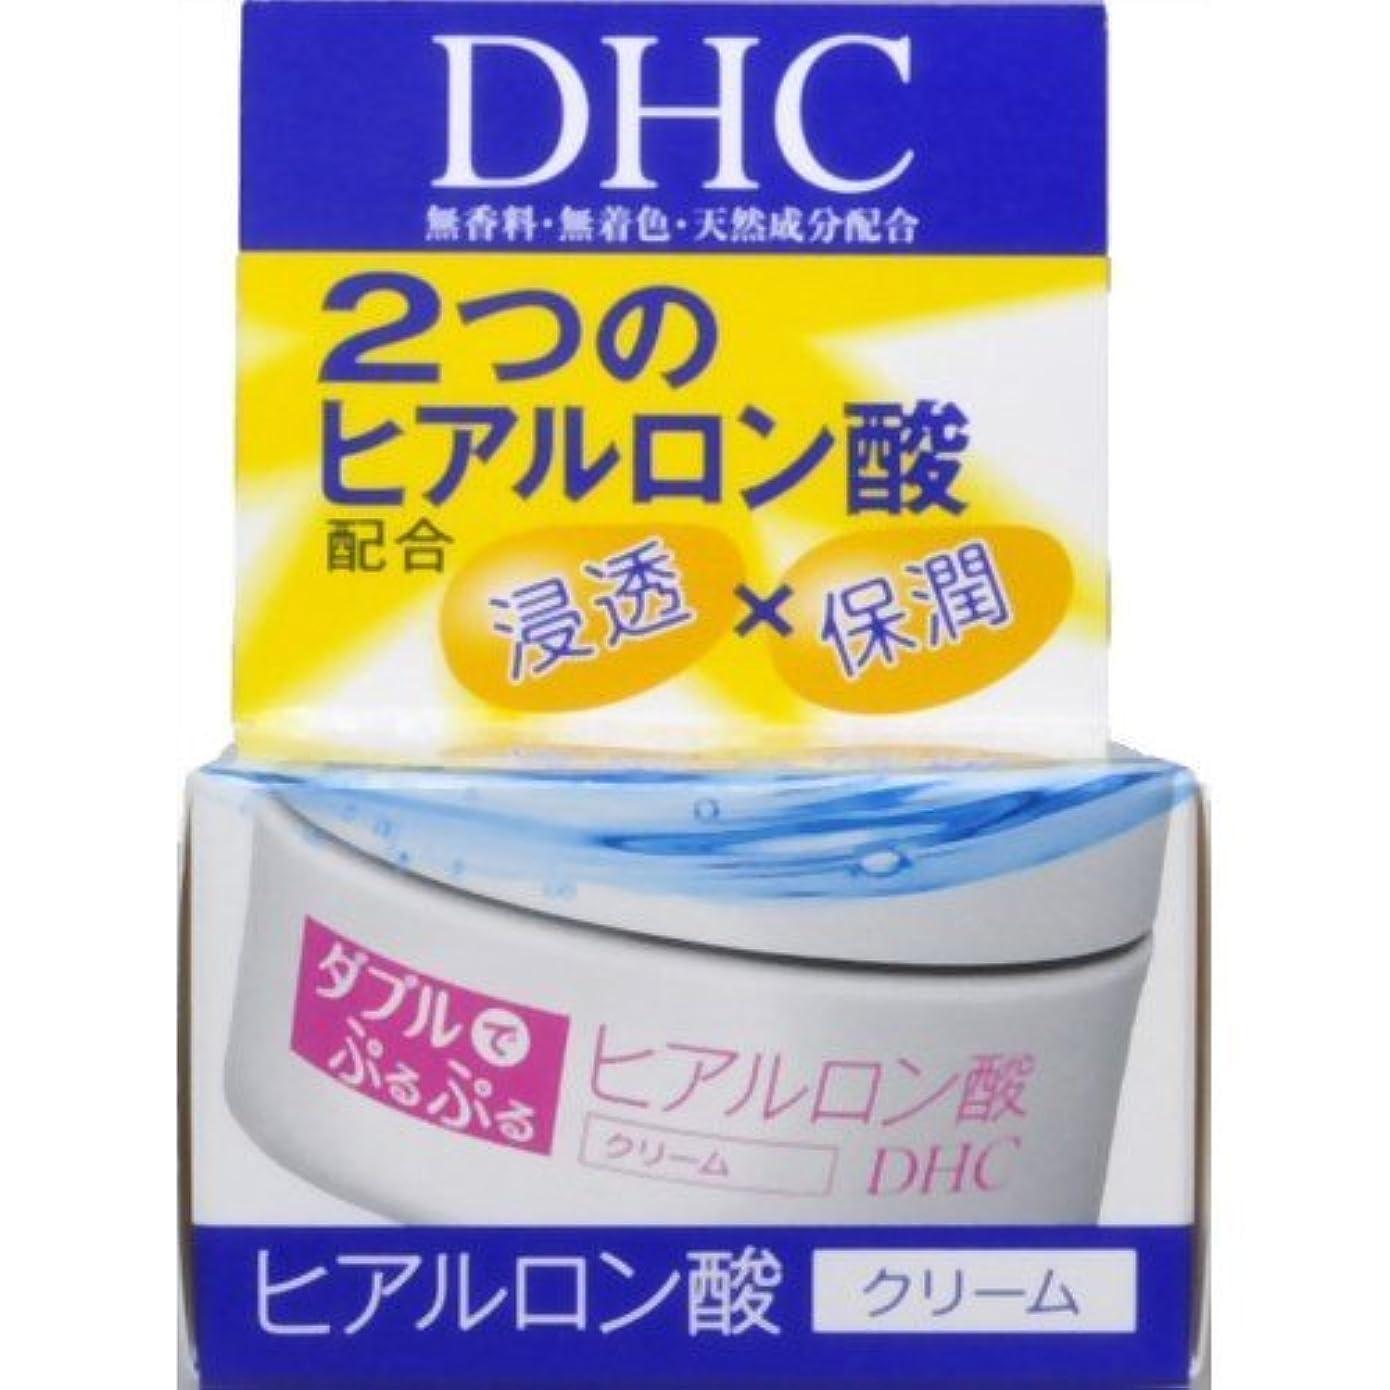 ミニ免疫する長いですDHC ダブルモイスチュアクリーム 50g